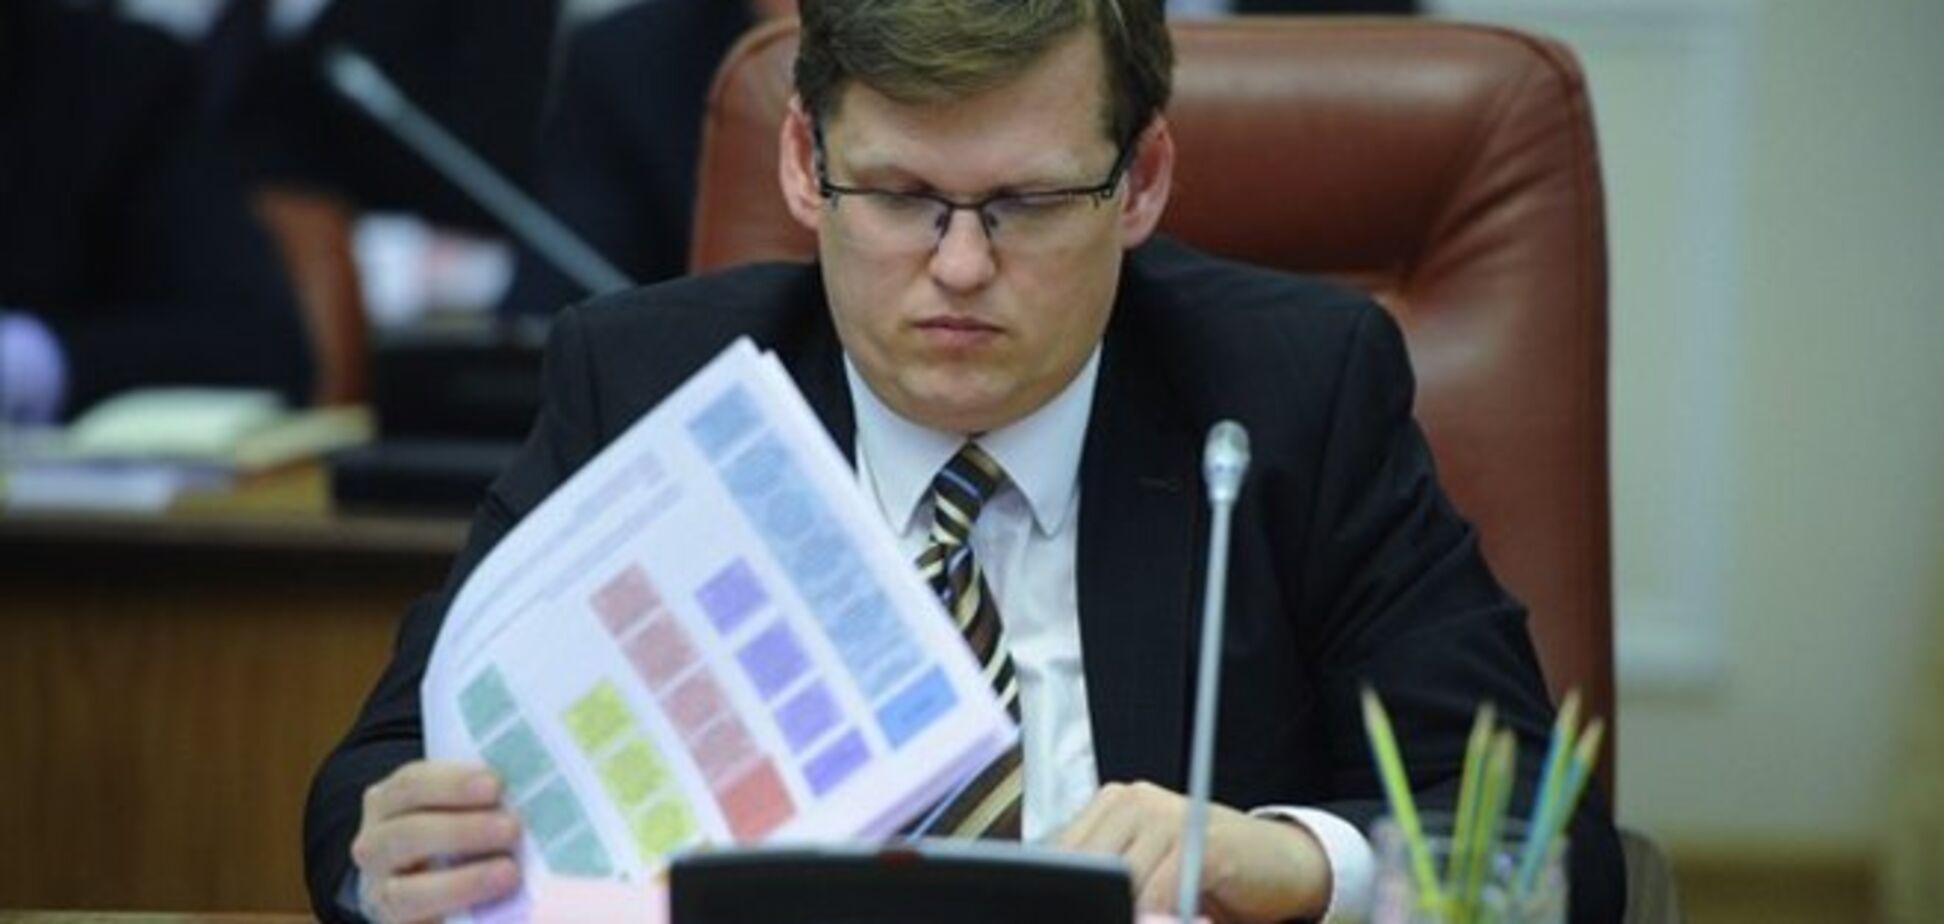 Министр Розенко жалуется на низкую зарплату и хочет оформить субсидию